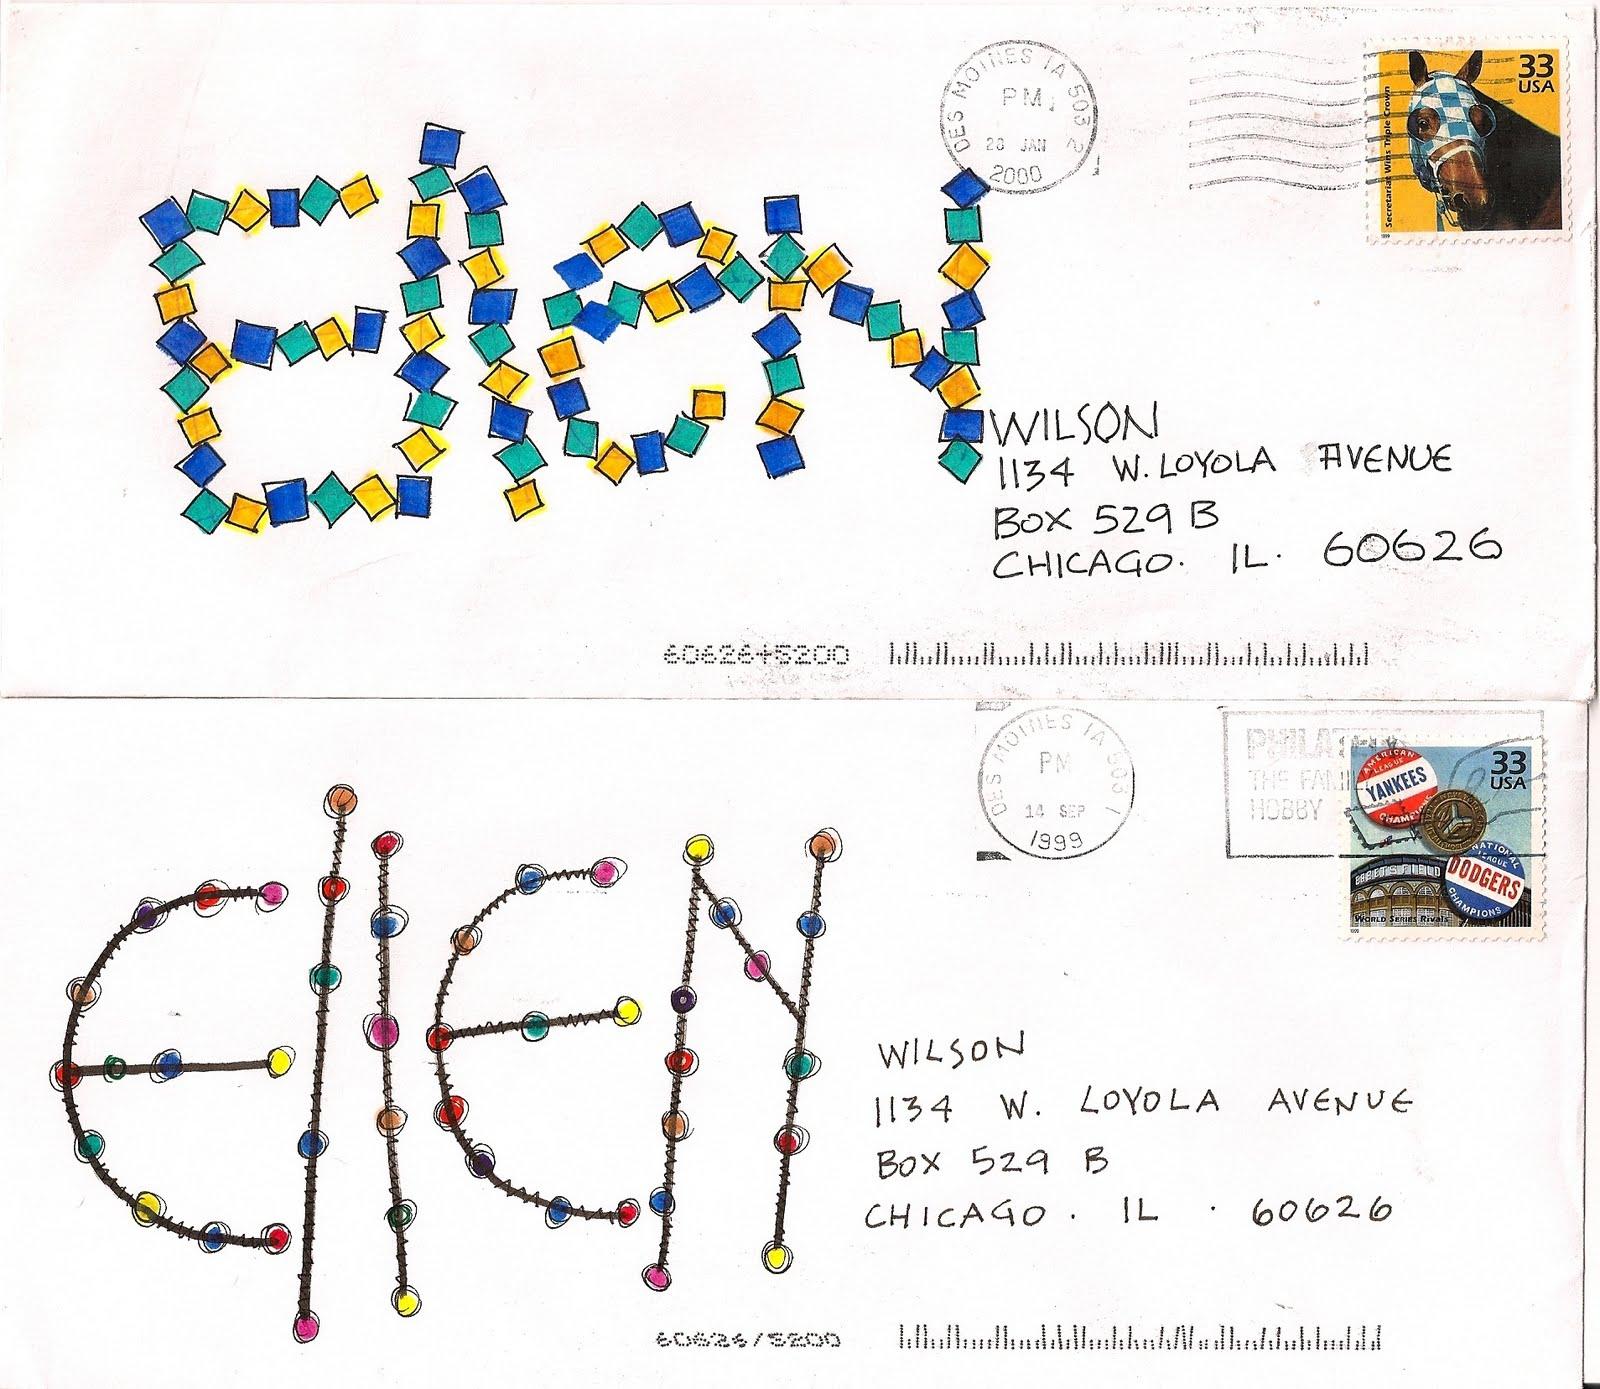 Pushing The Envelopes April 2010